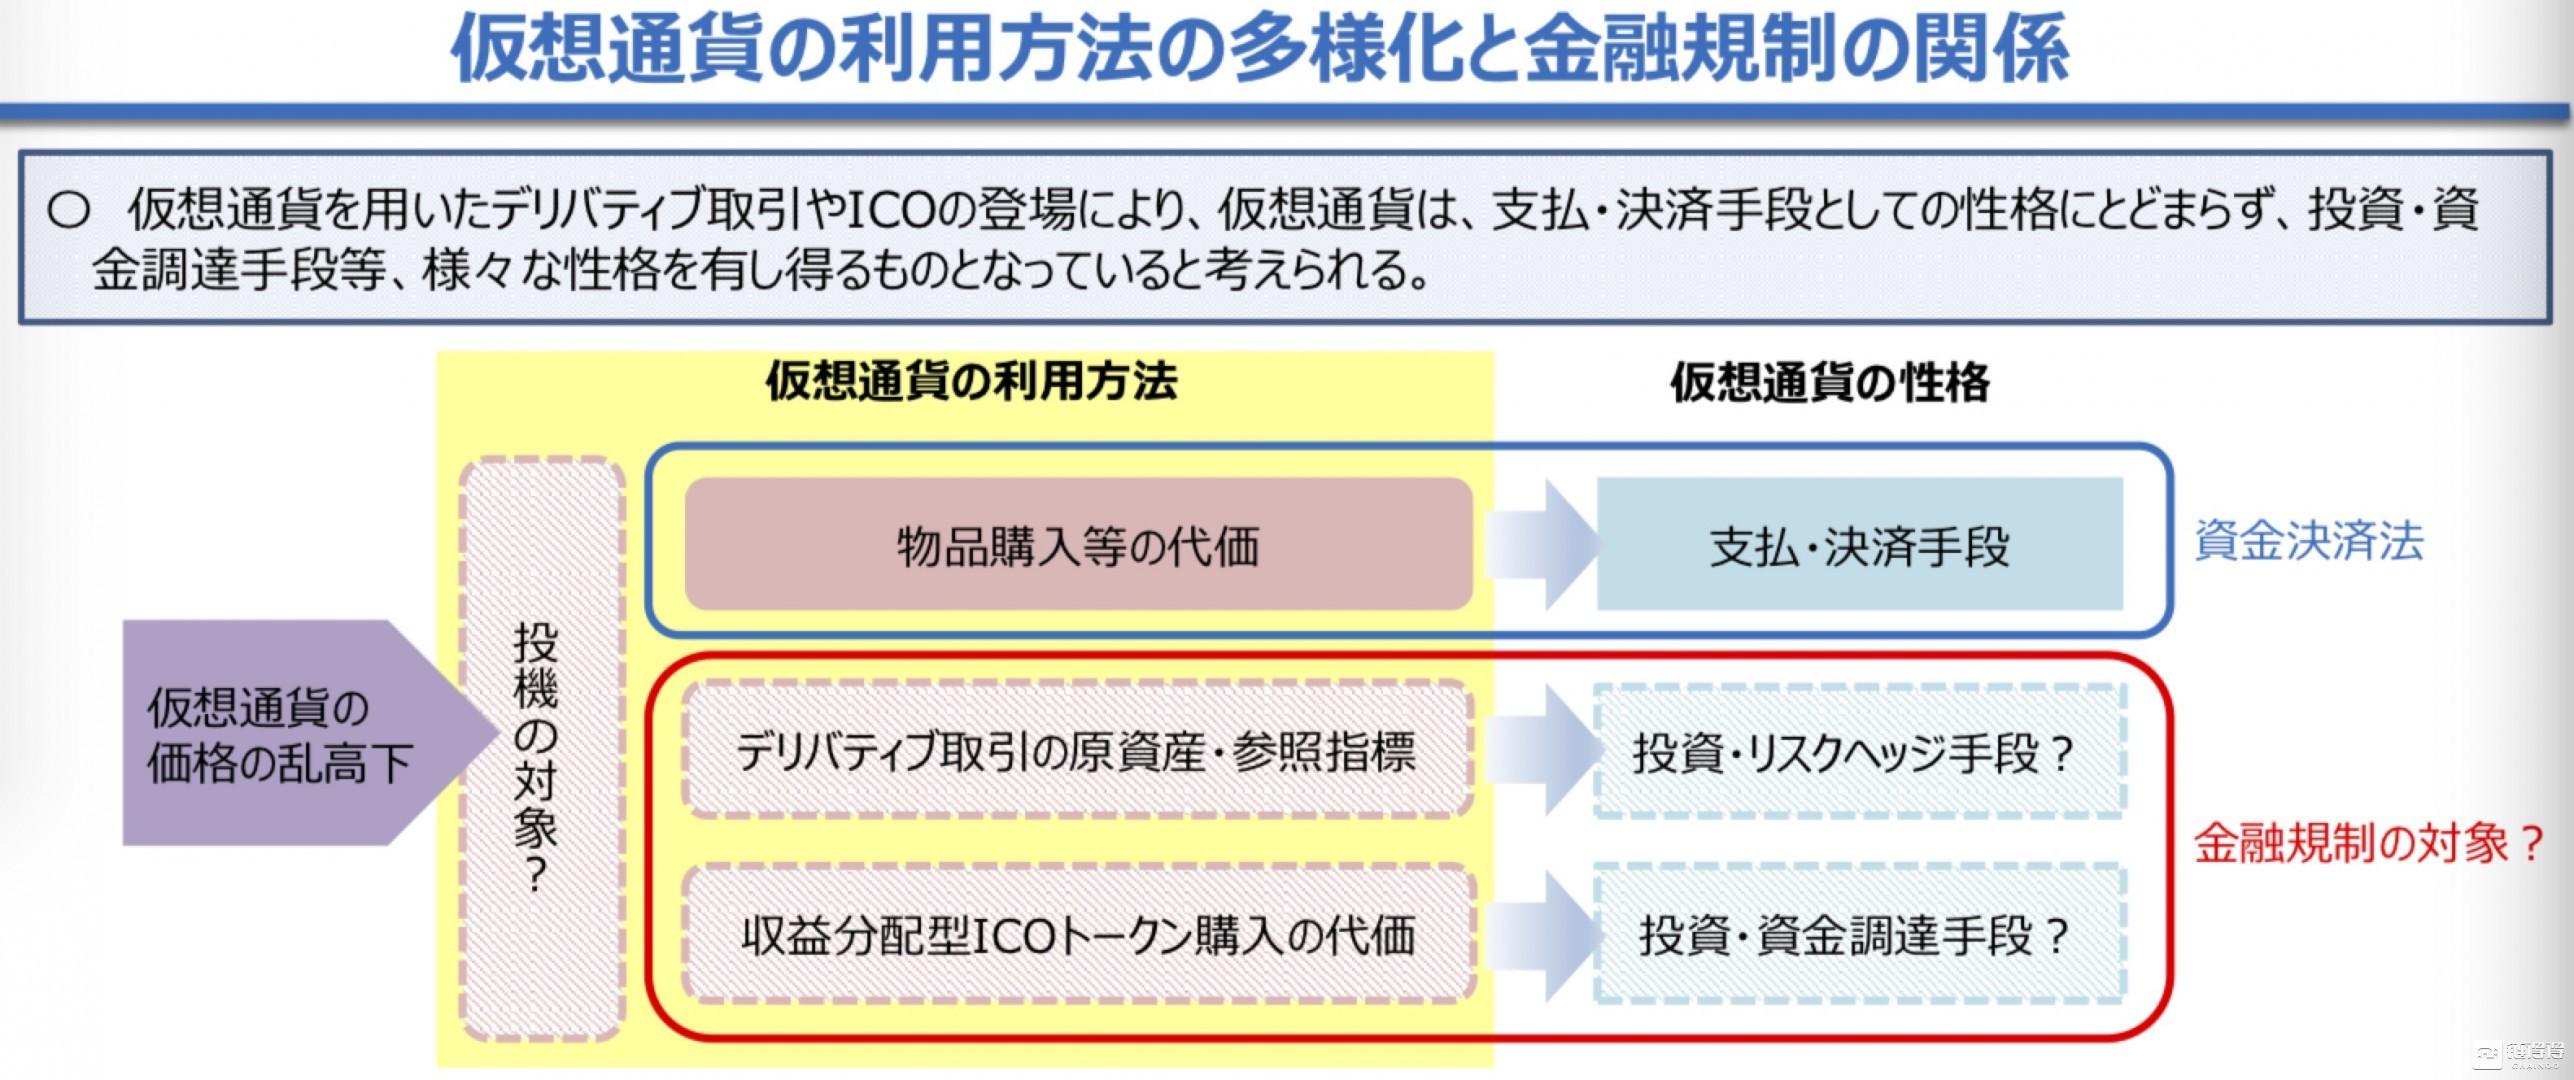 【链得得深度】全面解读日本ICO合法化最新方案,交易所获重大利好